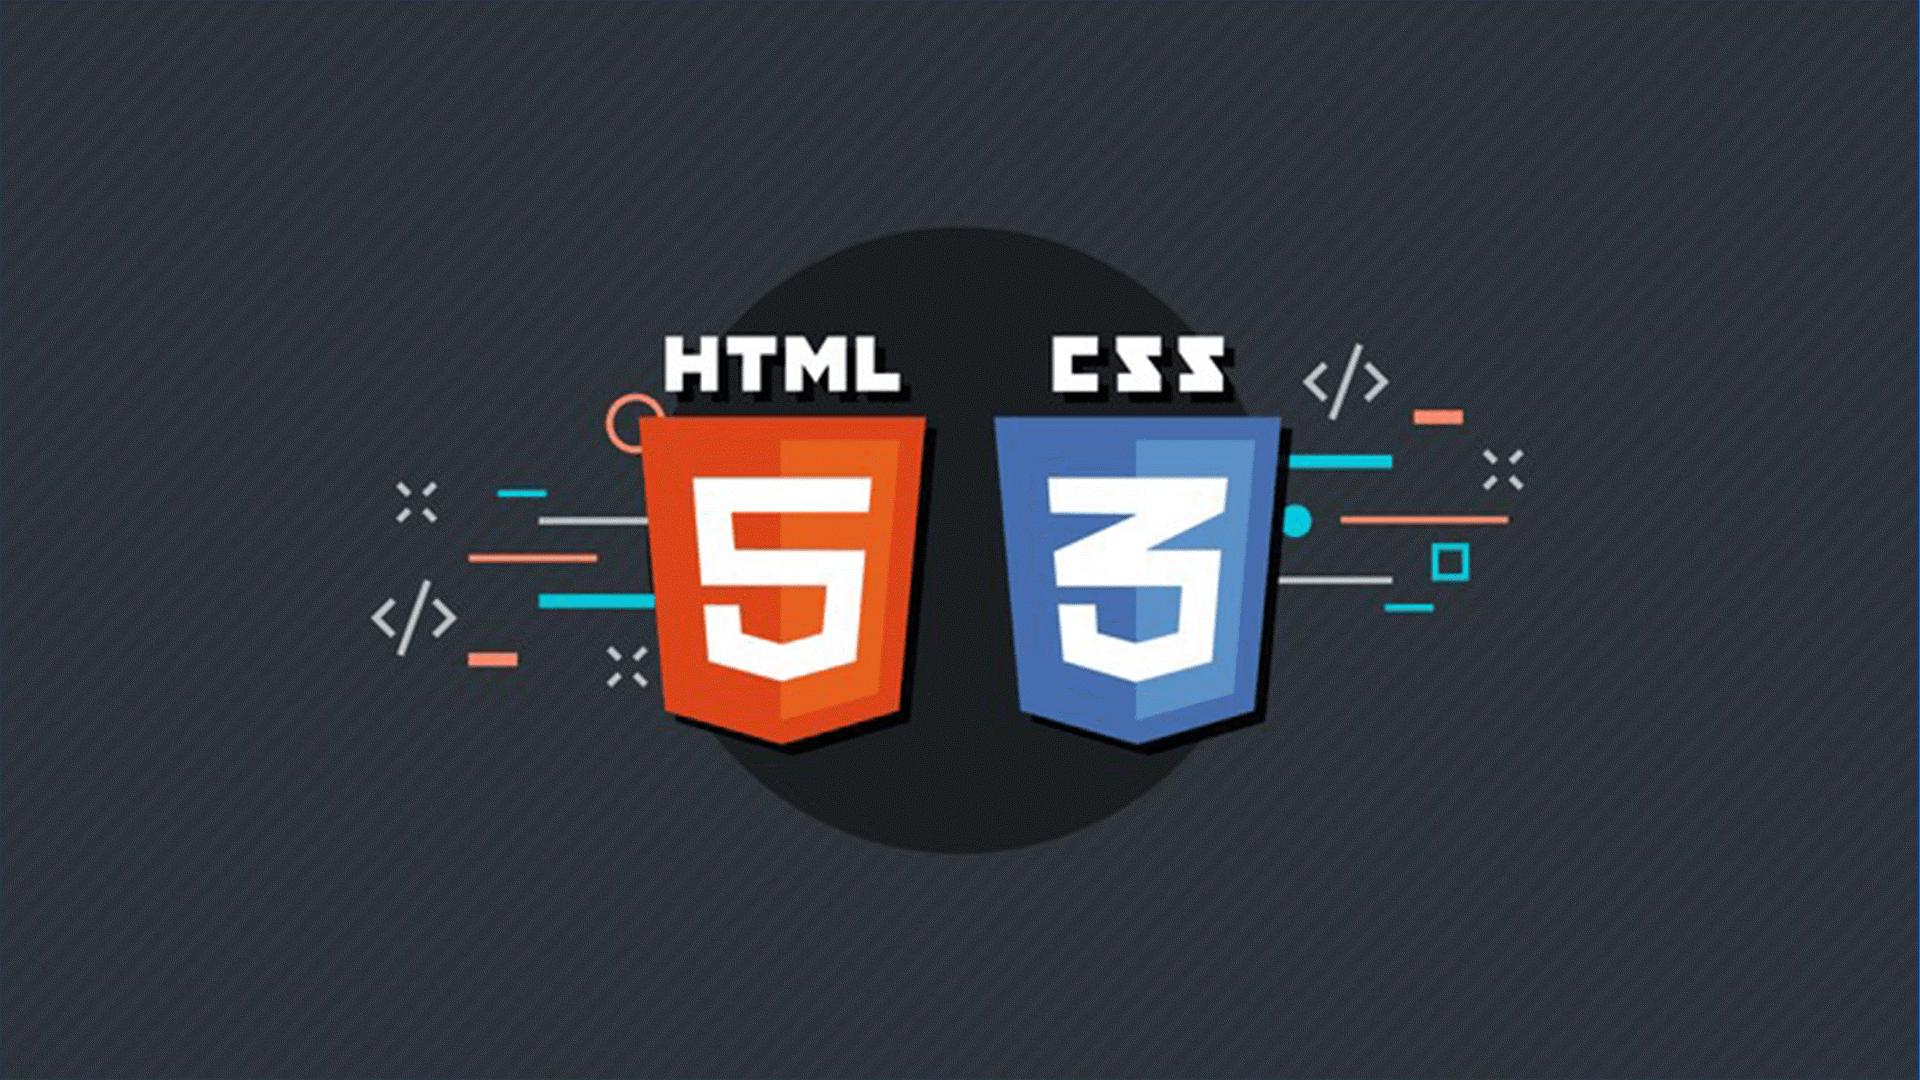 کلاس آموزشی طراحی سایت HTML5 - Css3